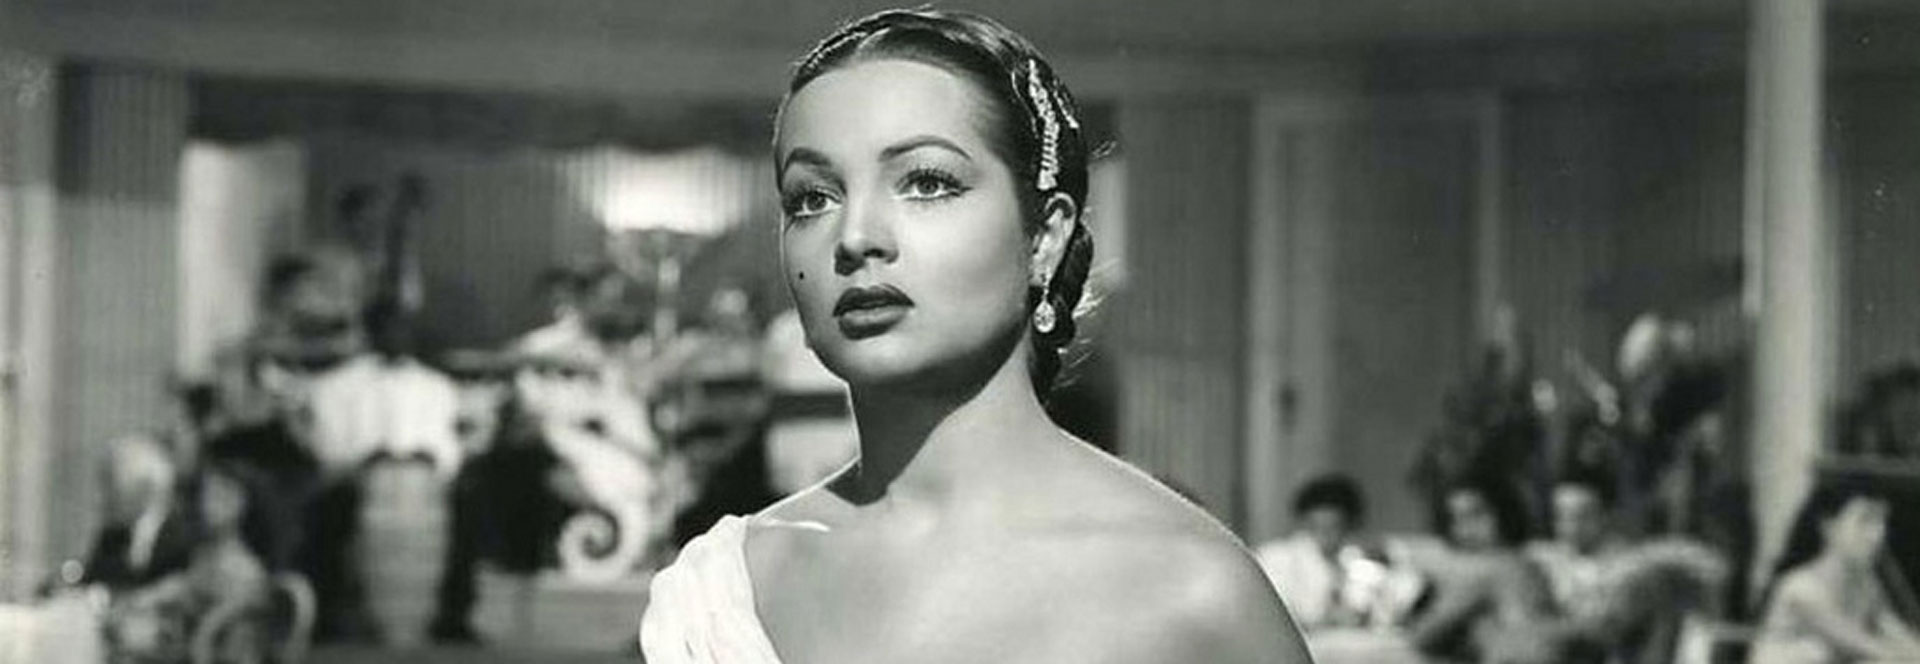 Sara Montiel en su papel de Marucha en Piel Canela (1953). Foto tomada de internet.